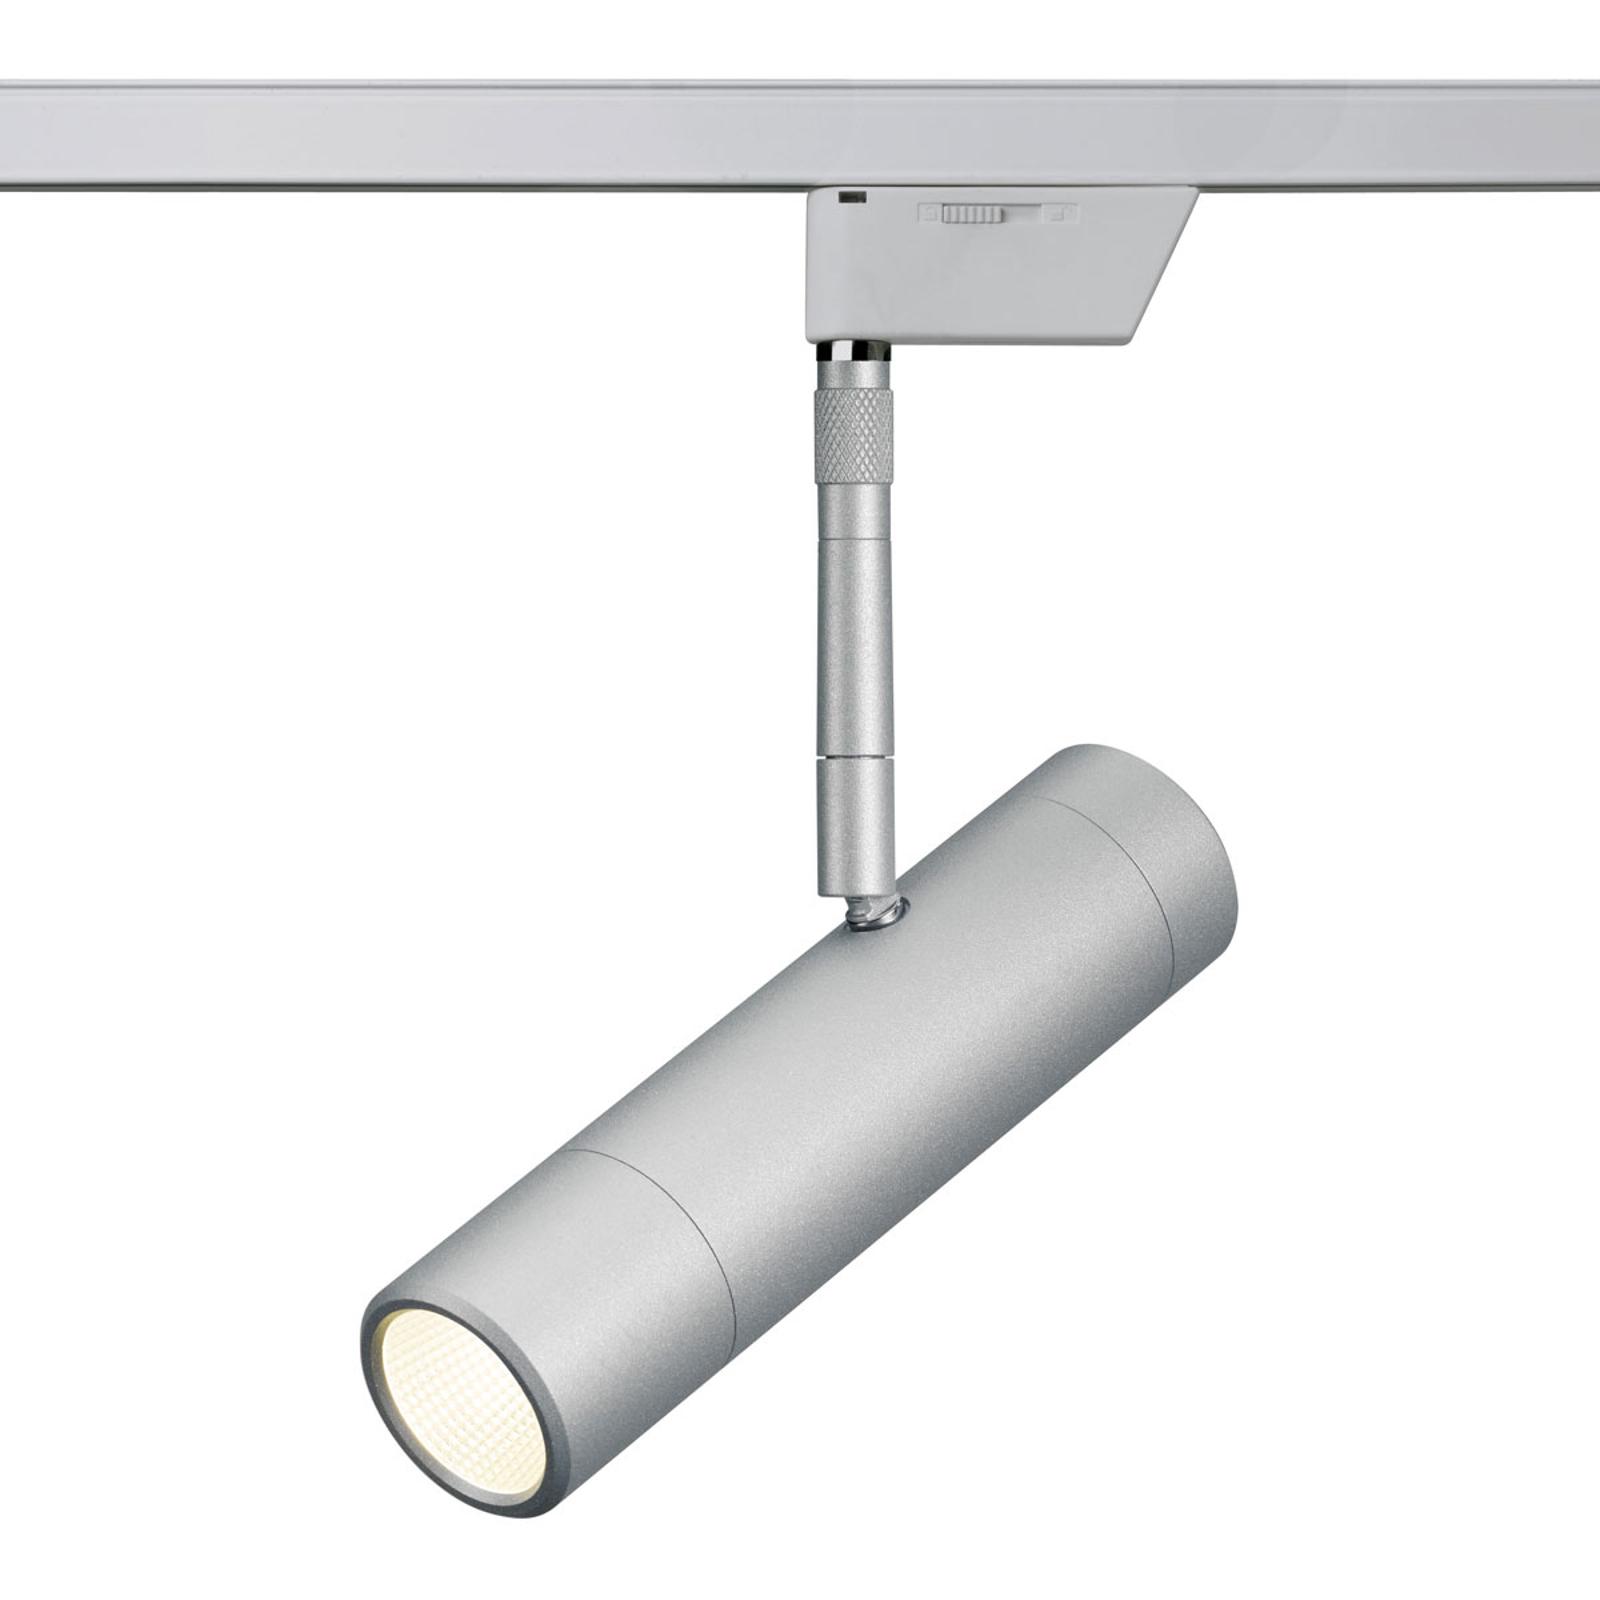 Oligo Sentry LED-skinnespot krom matt 2700K